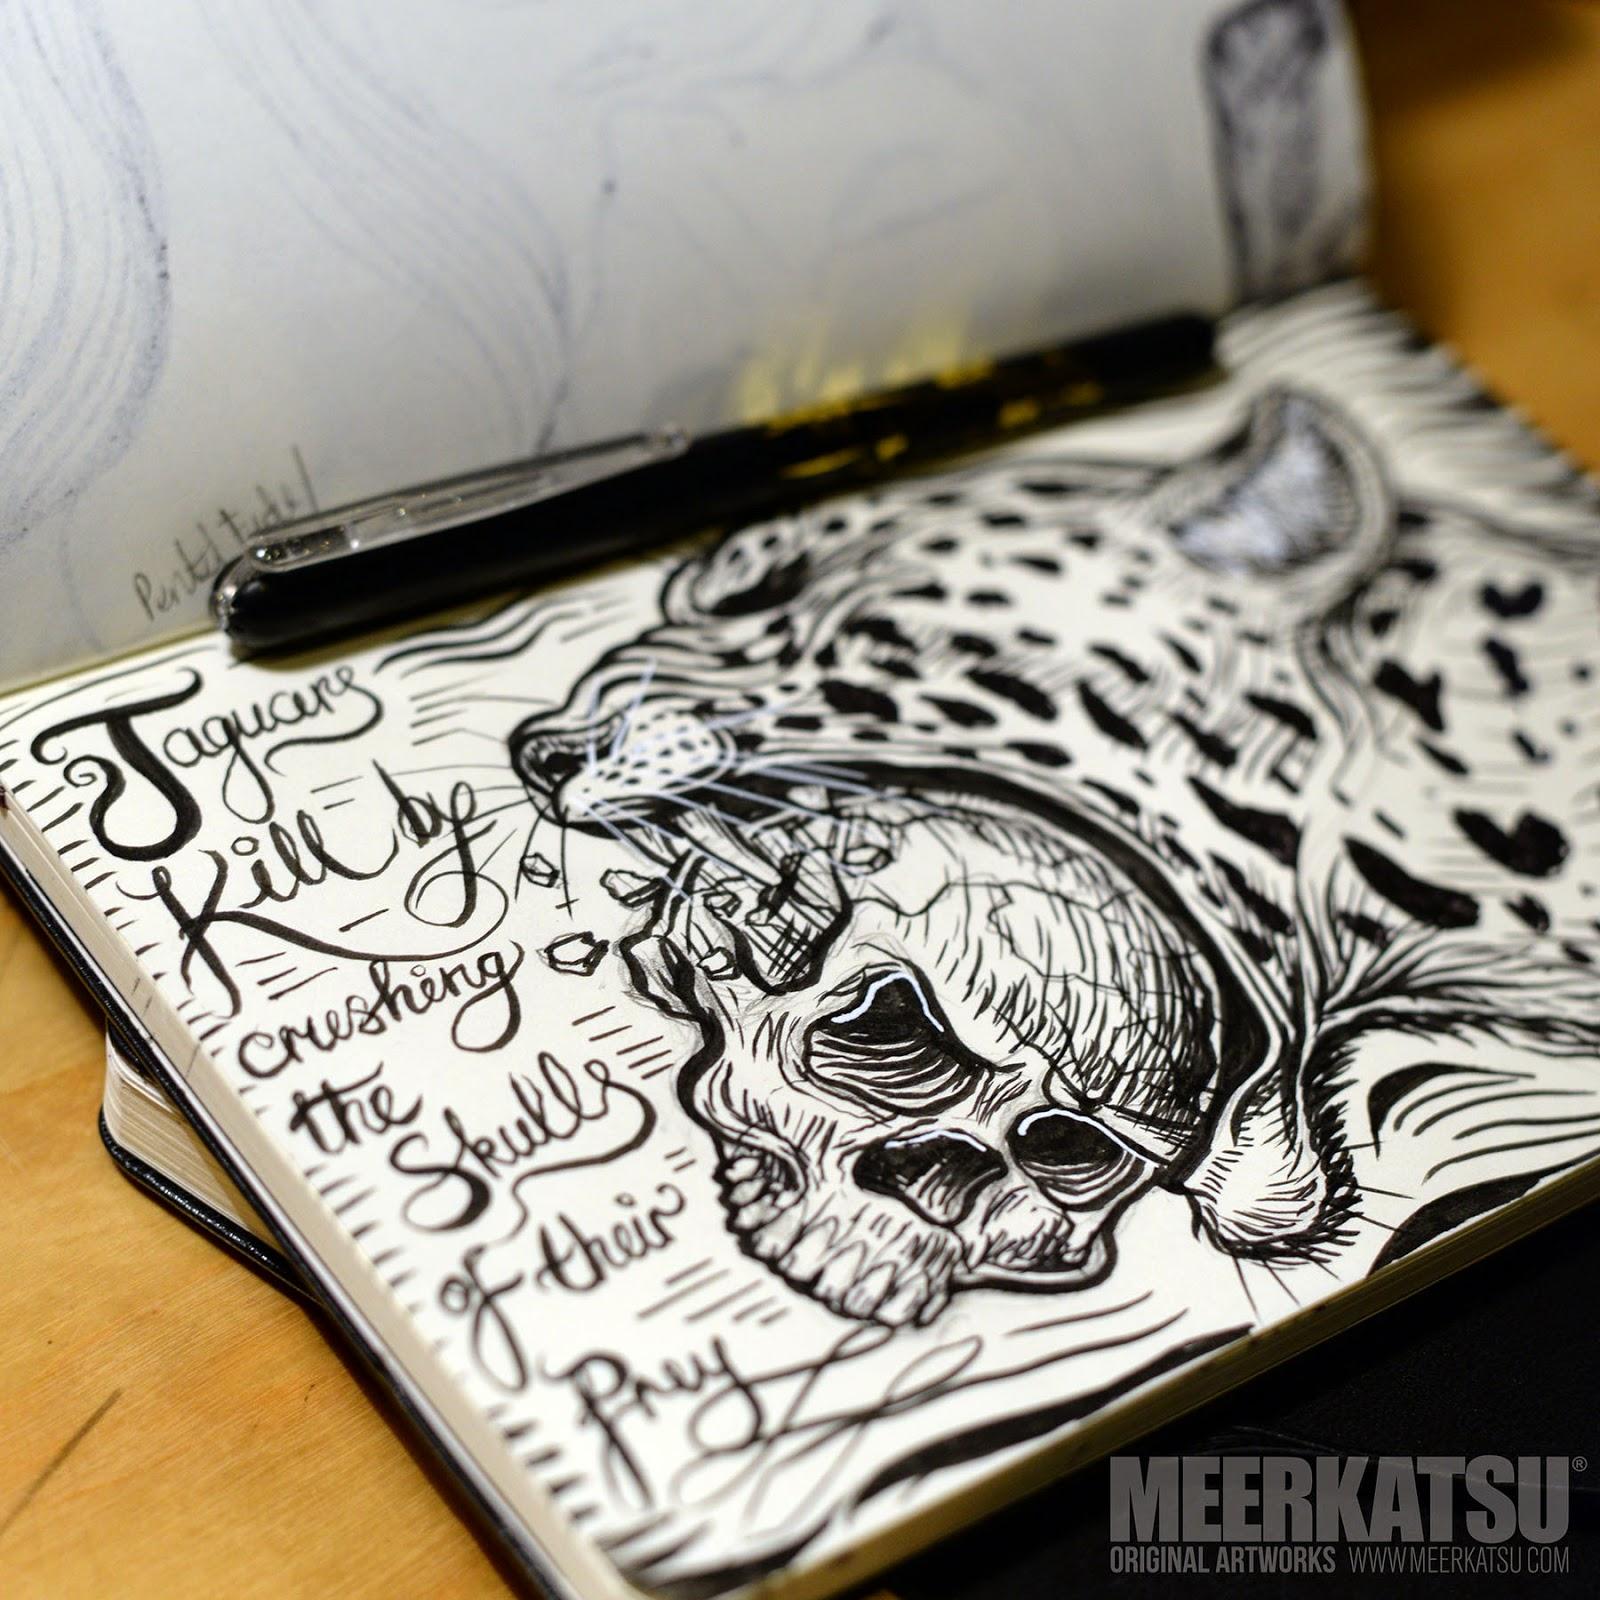 Meerkatsu Art Review Brush Pens